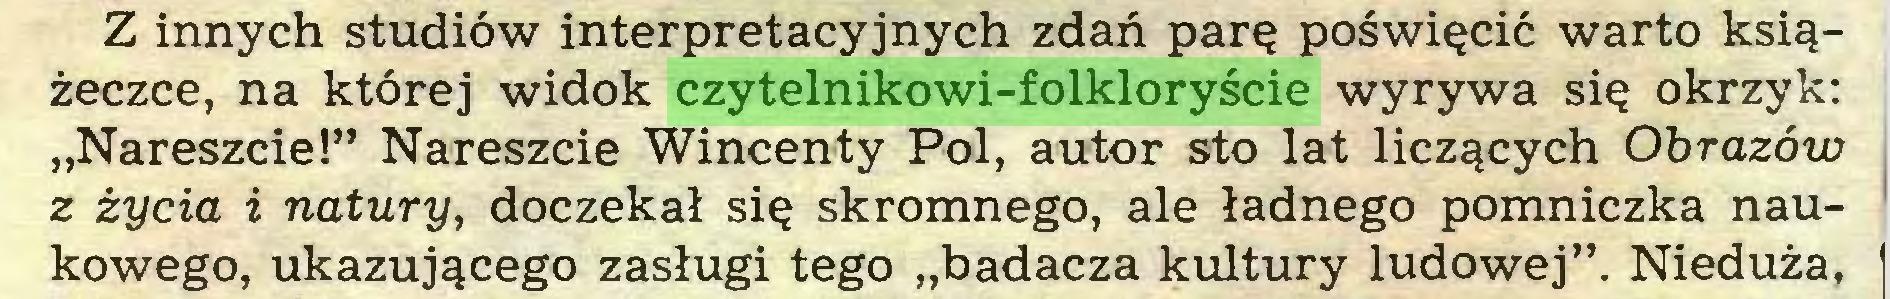 """(...) Z innych studiów interpretacyjnych zdań parę poświęcić warto książeczce, na której widok czytelnikowi-folkloryście wyrywa się okrzyk: """"Nareszcie!"""" Nareszcie Wincenty Pol, autor sto lat liczących Obrazów z życia i natury, doczekał się skromnego, ale ładnego pomniczka naukowego, ukazującego zasługi tego """"badacza kultury ludowej"""". Nieduża,..."""